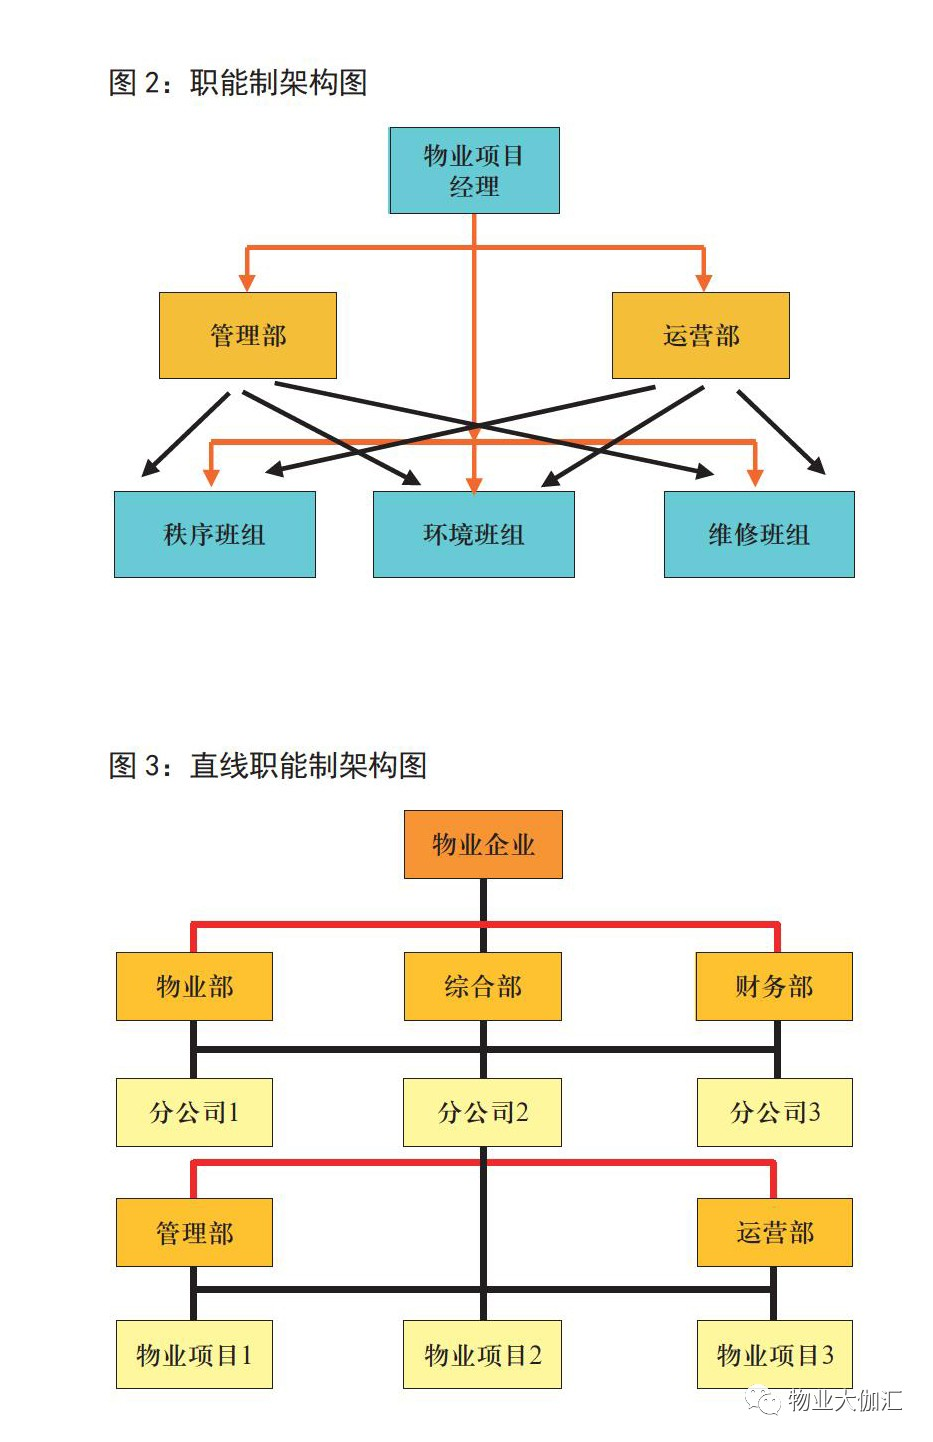 物业公司架构图